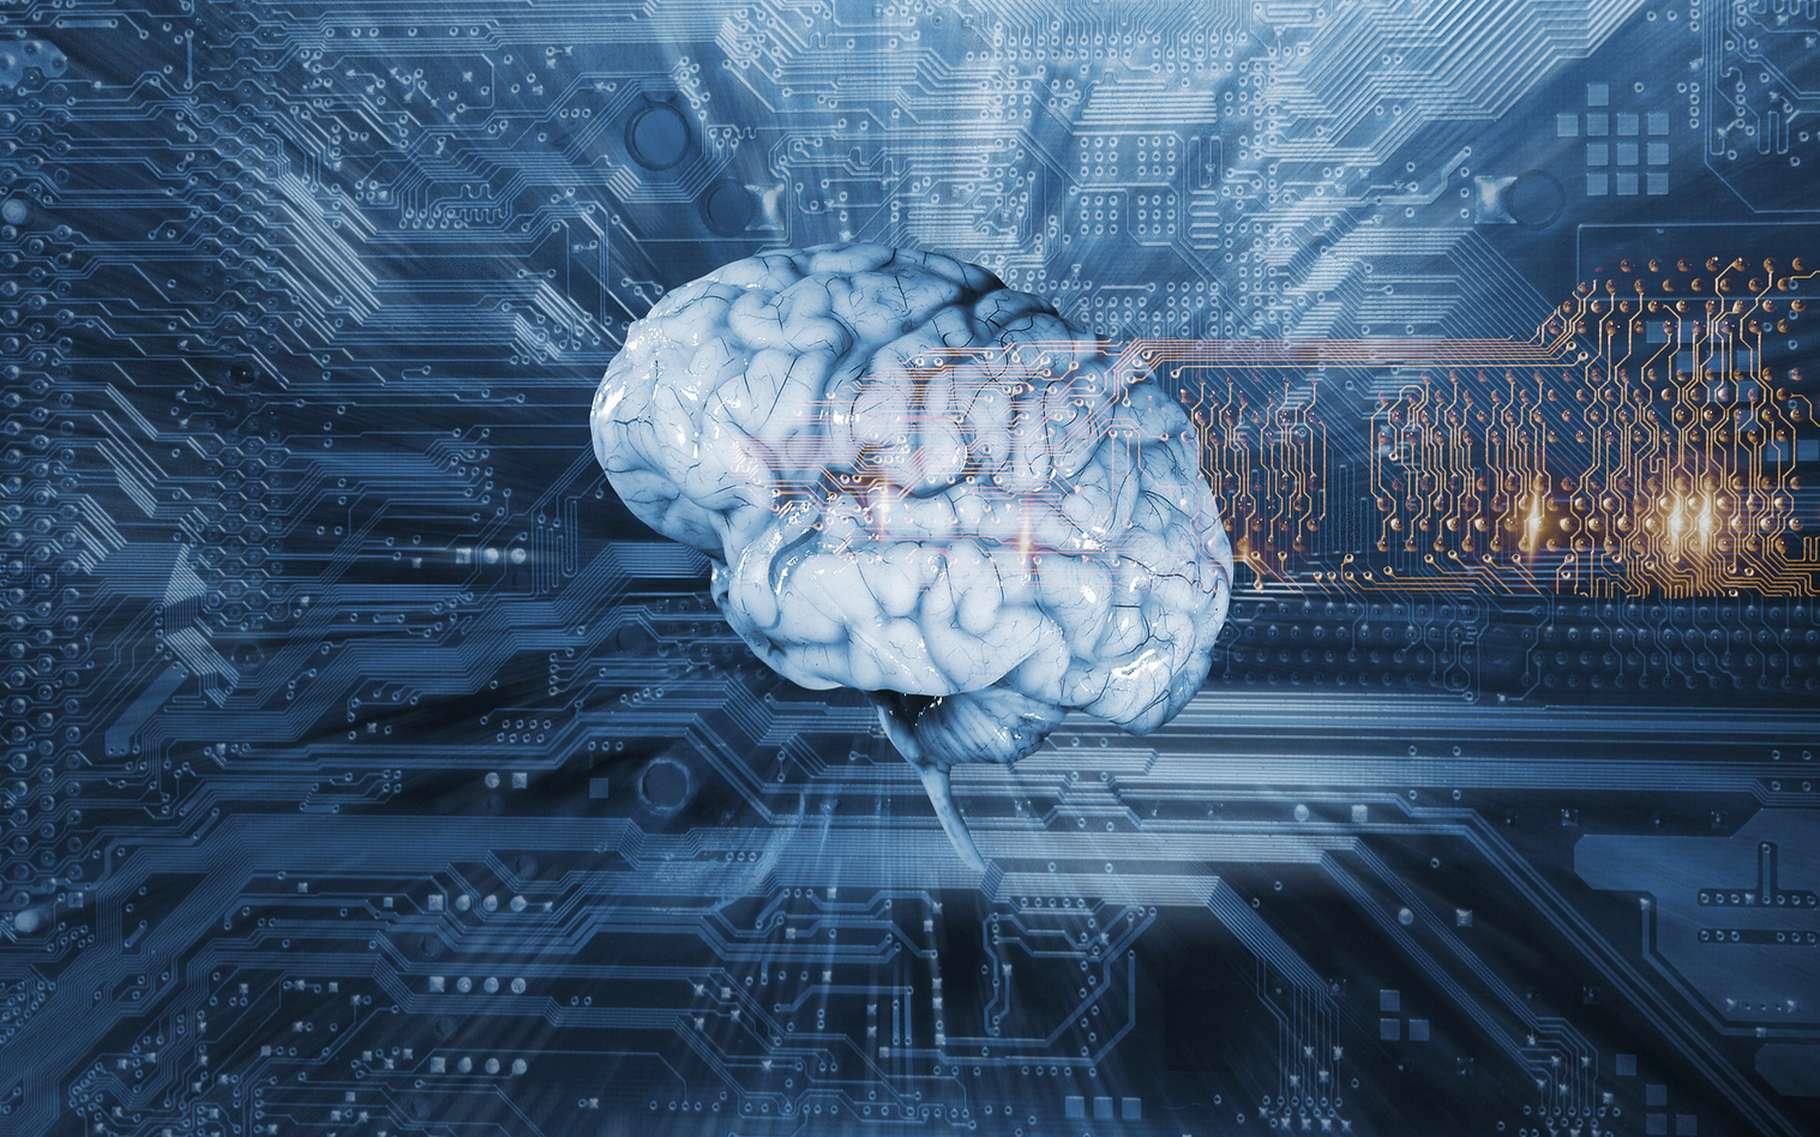 Grâce aux réseaux neuronaux, les ordinateurs accèdent aujourd'hui à toute une série de tâches qui leur étaient jusqu'alors interdites comme la reconnaissance faciale ou la traduction automatique. © Christian Lagerek, Shutterstock